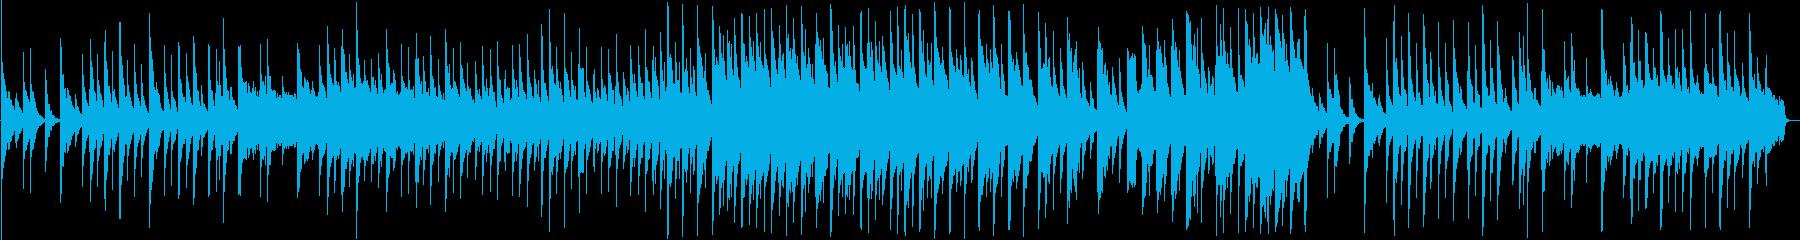 和風なシンセ・三味線サウンドの再生済みの波形